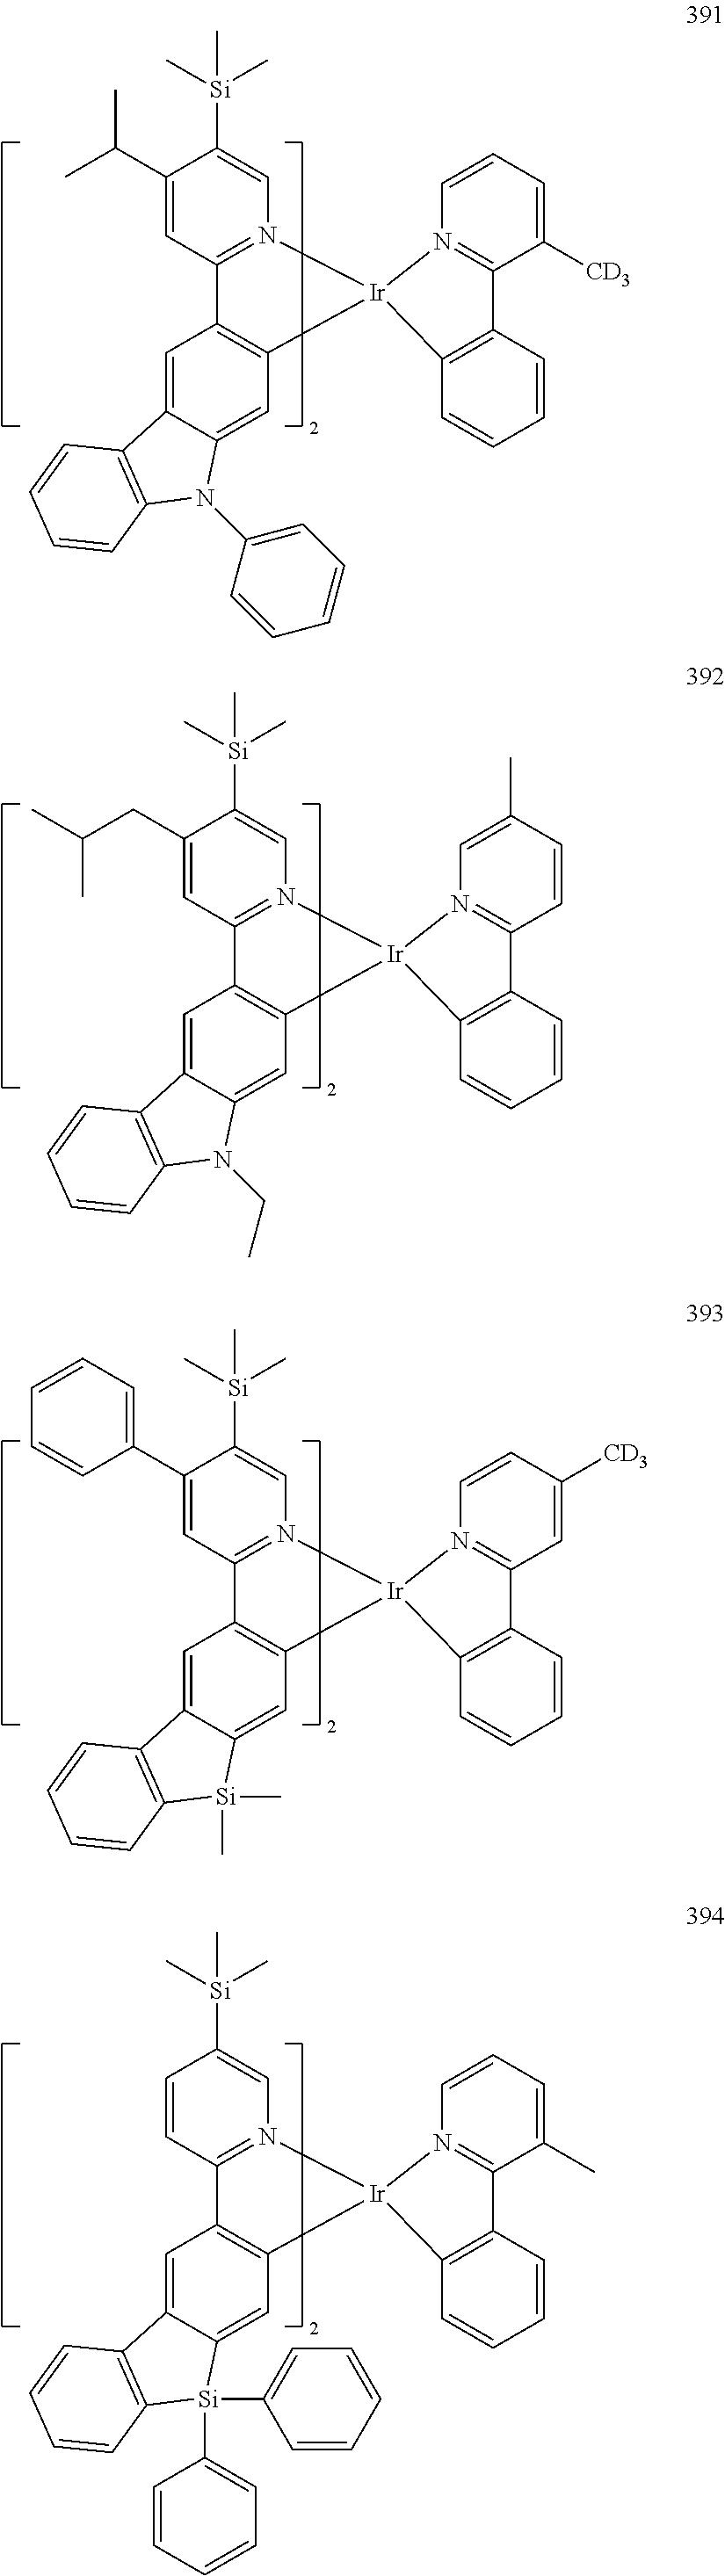 Figure US20160155962A1-20160602-C00437